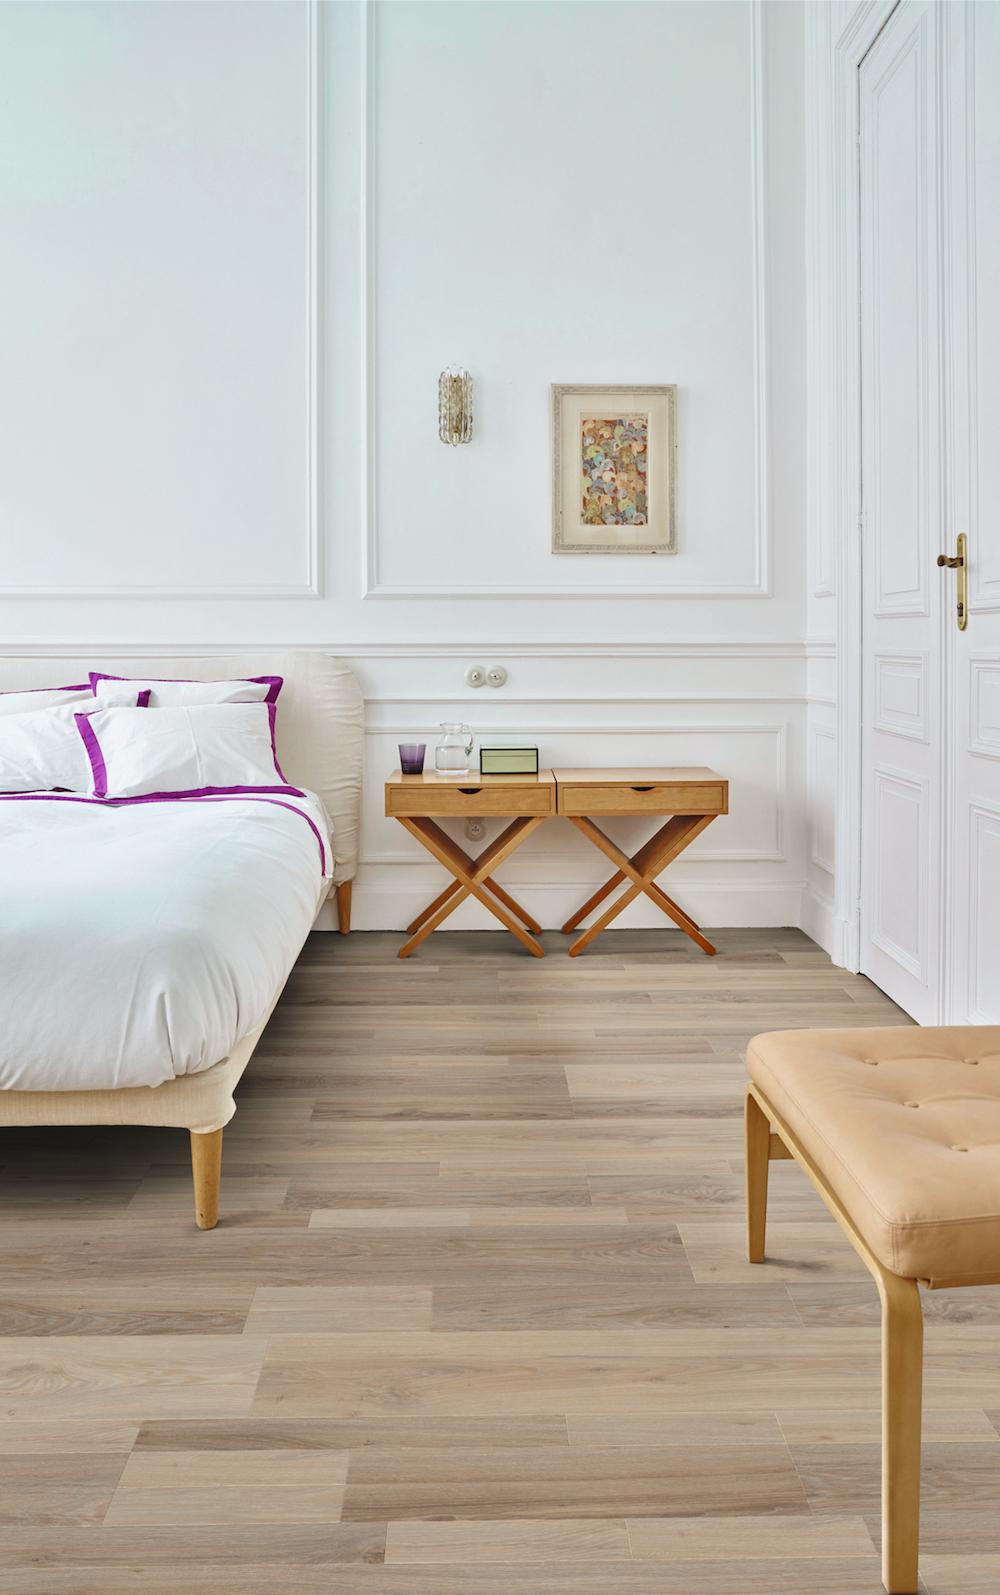 Verrassend Comfortabele vloeren voor de slaapkamer - UW-vloer.nl RW-36